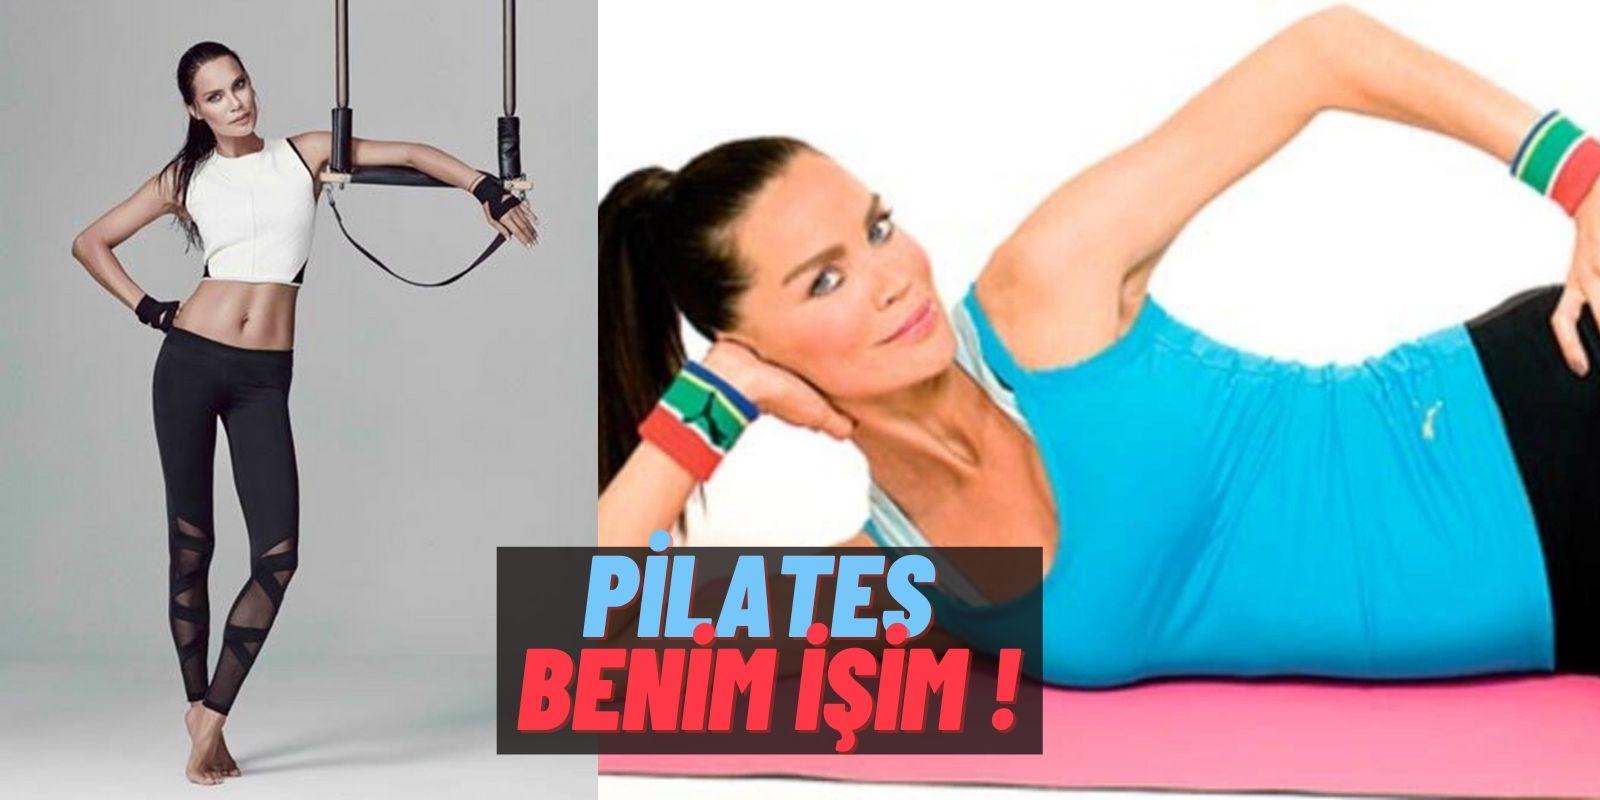 Pilatesi Kimselere Bırakmam Diyen Ebru Şallı Adeta Yıllara Meydan Okuyor! İşte Türkiye'nin Pilates Misyoneri